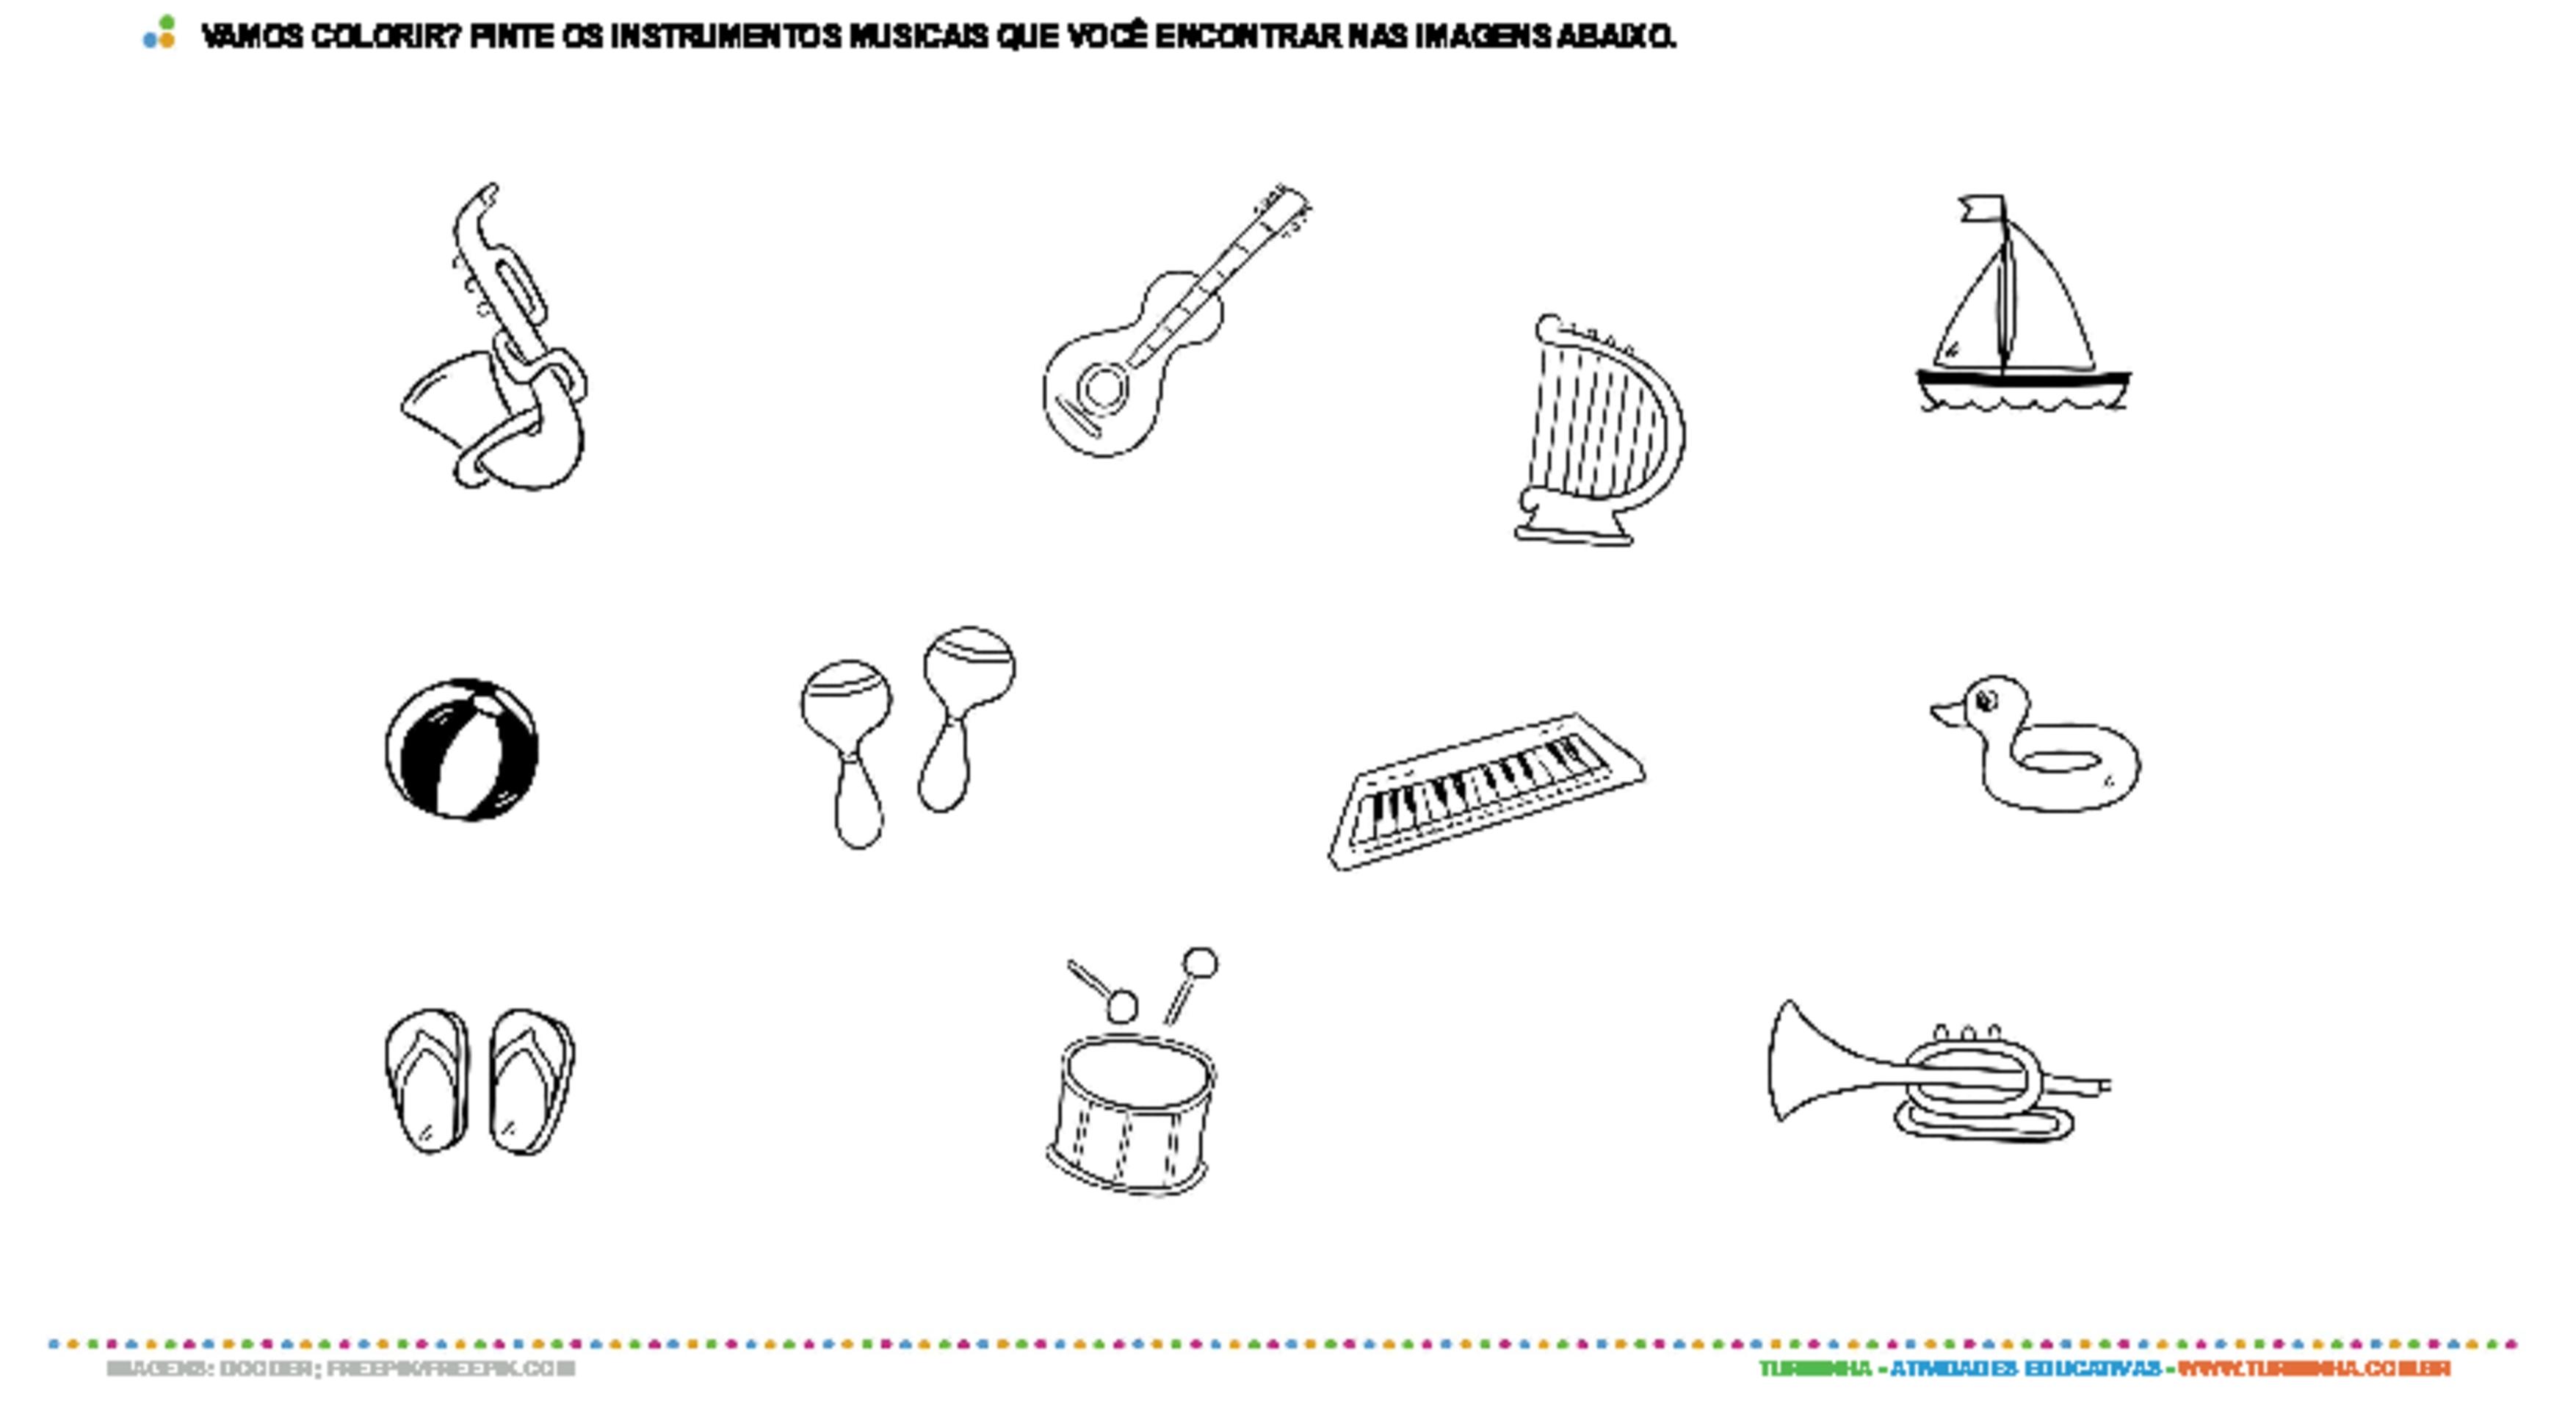 Conhecendo os instrumentos musicais - atividade educativa para Pré-Escola (4 e 5 anos)